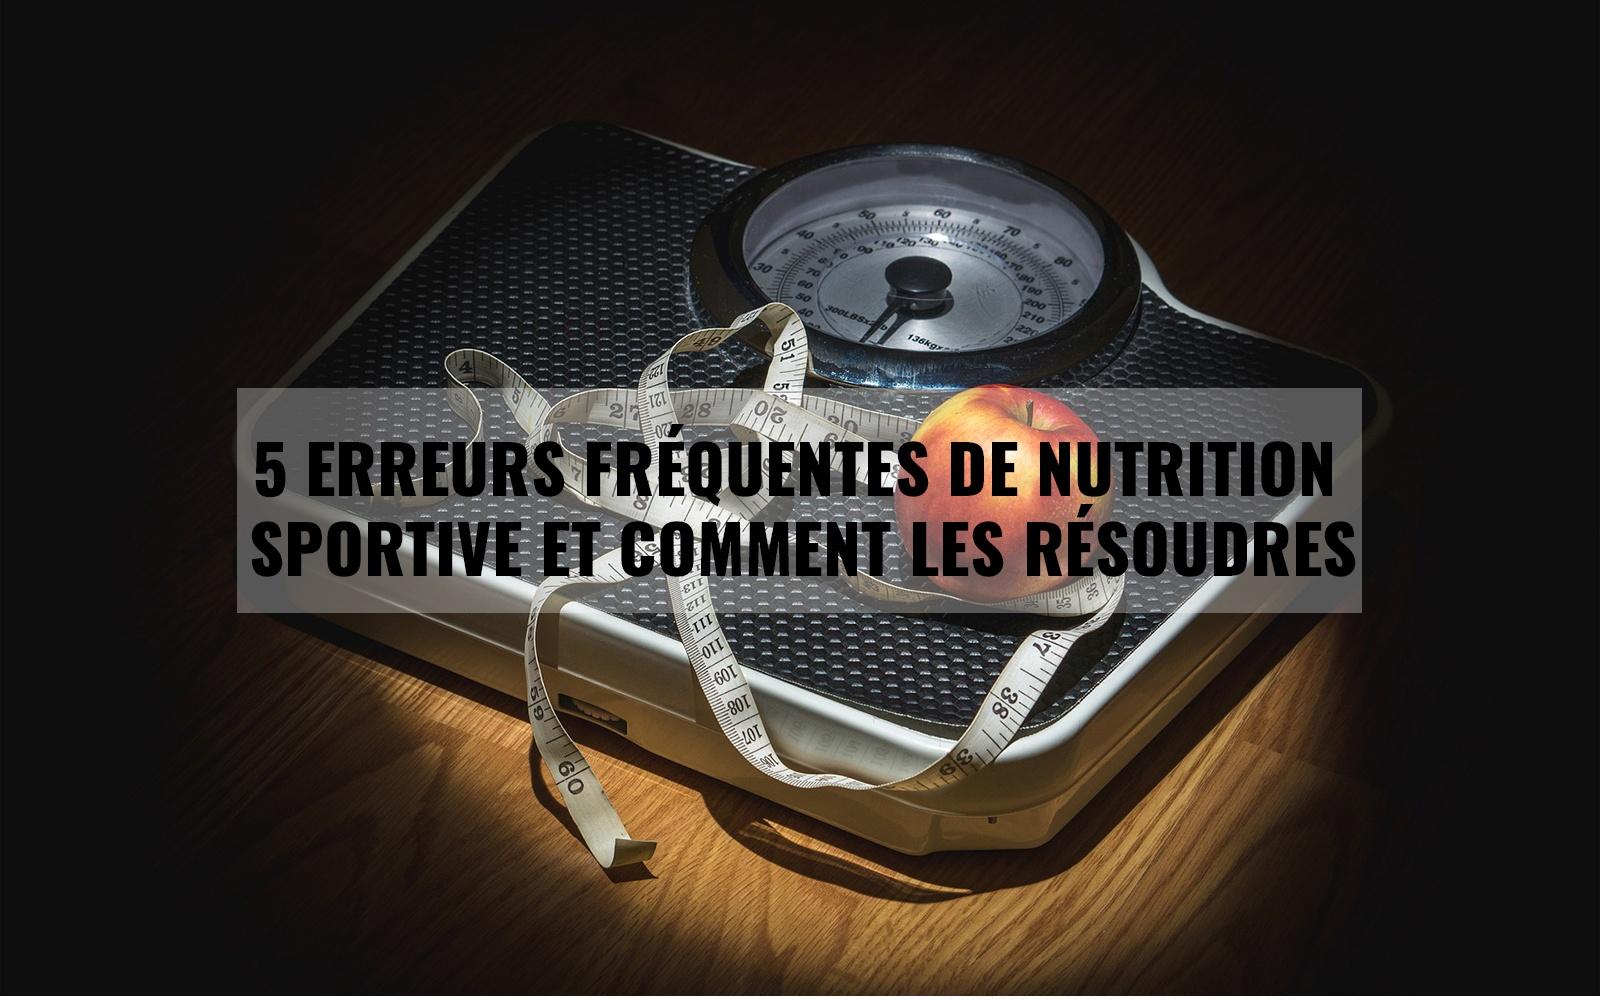 5 Erreurs fréquentes de nutrition sportive et comment les résoudres